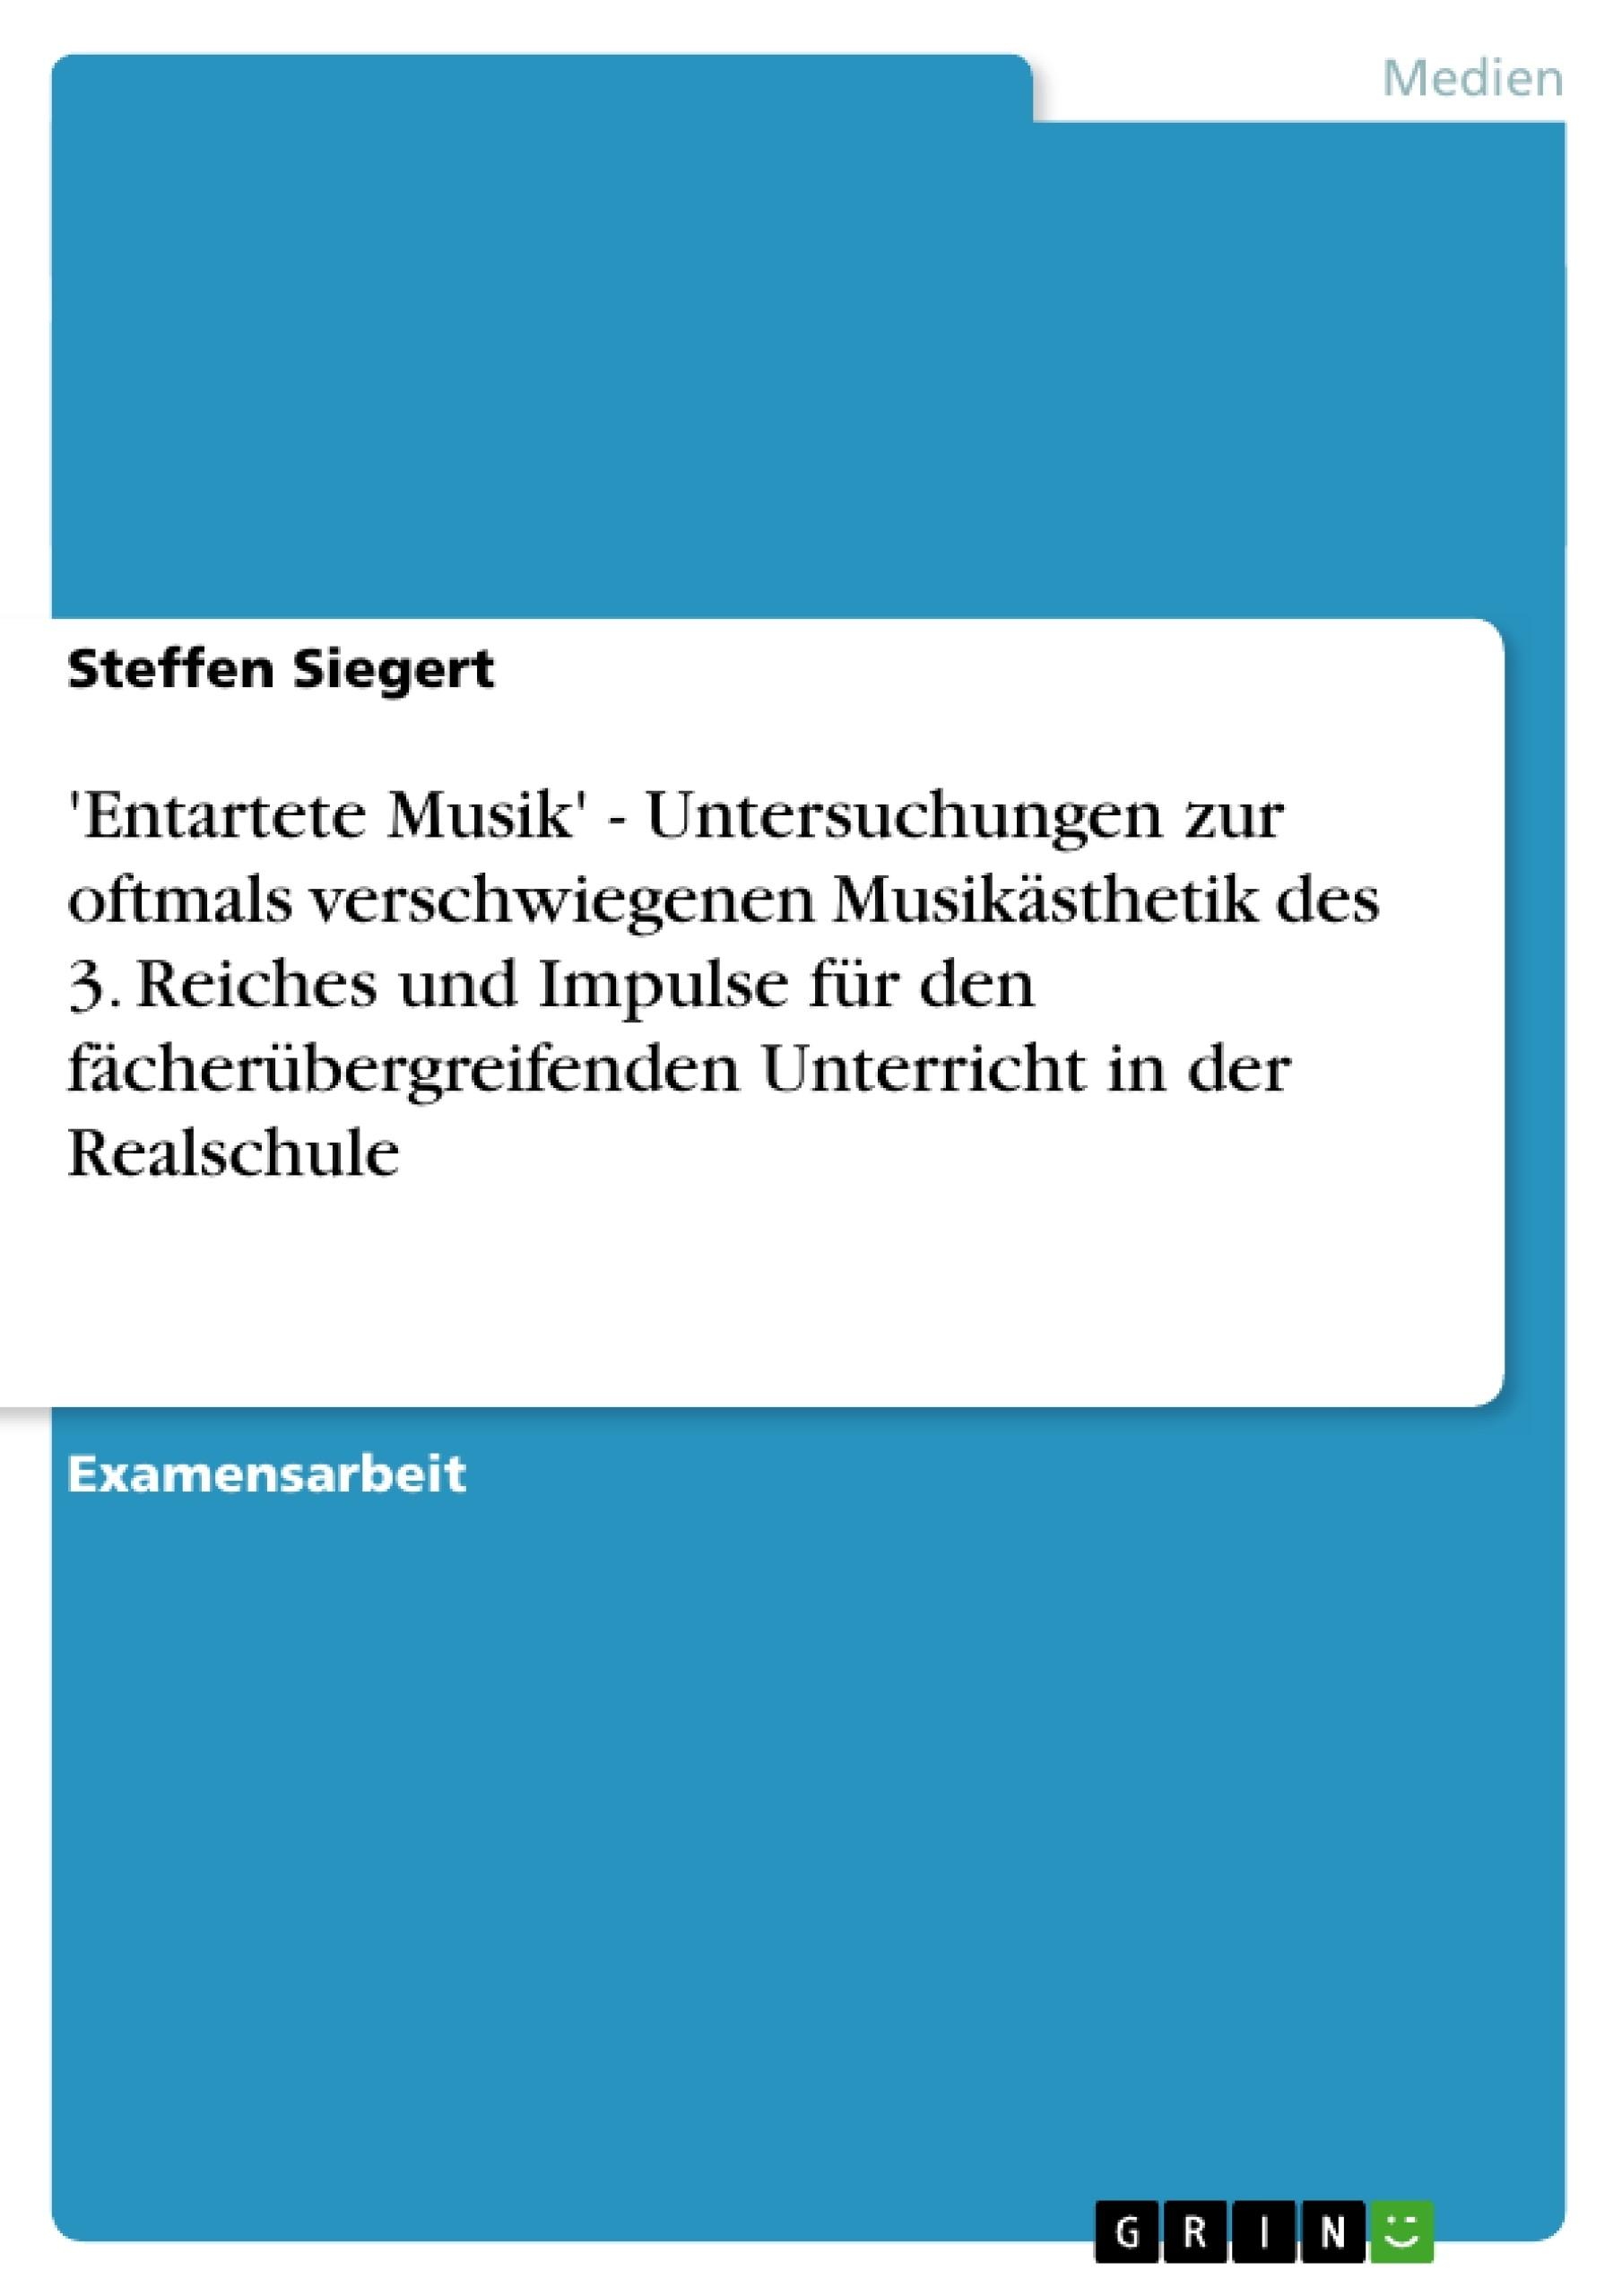 Titel: 'Entartete Musik' - Untersuchungen zur oftmals verschwiegenen Musikästhetik des 3. Reiches und Impulse für den fächerübergreifenden Unterricht in der Realschule